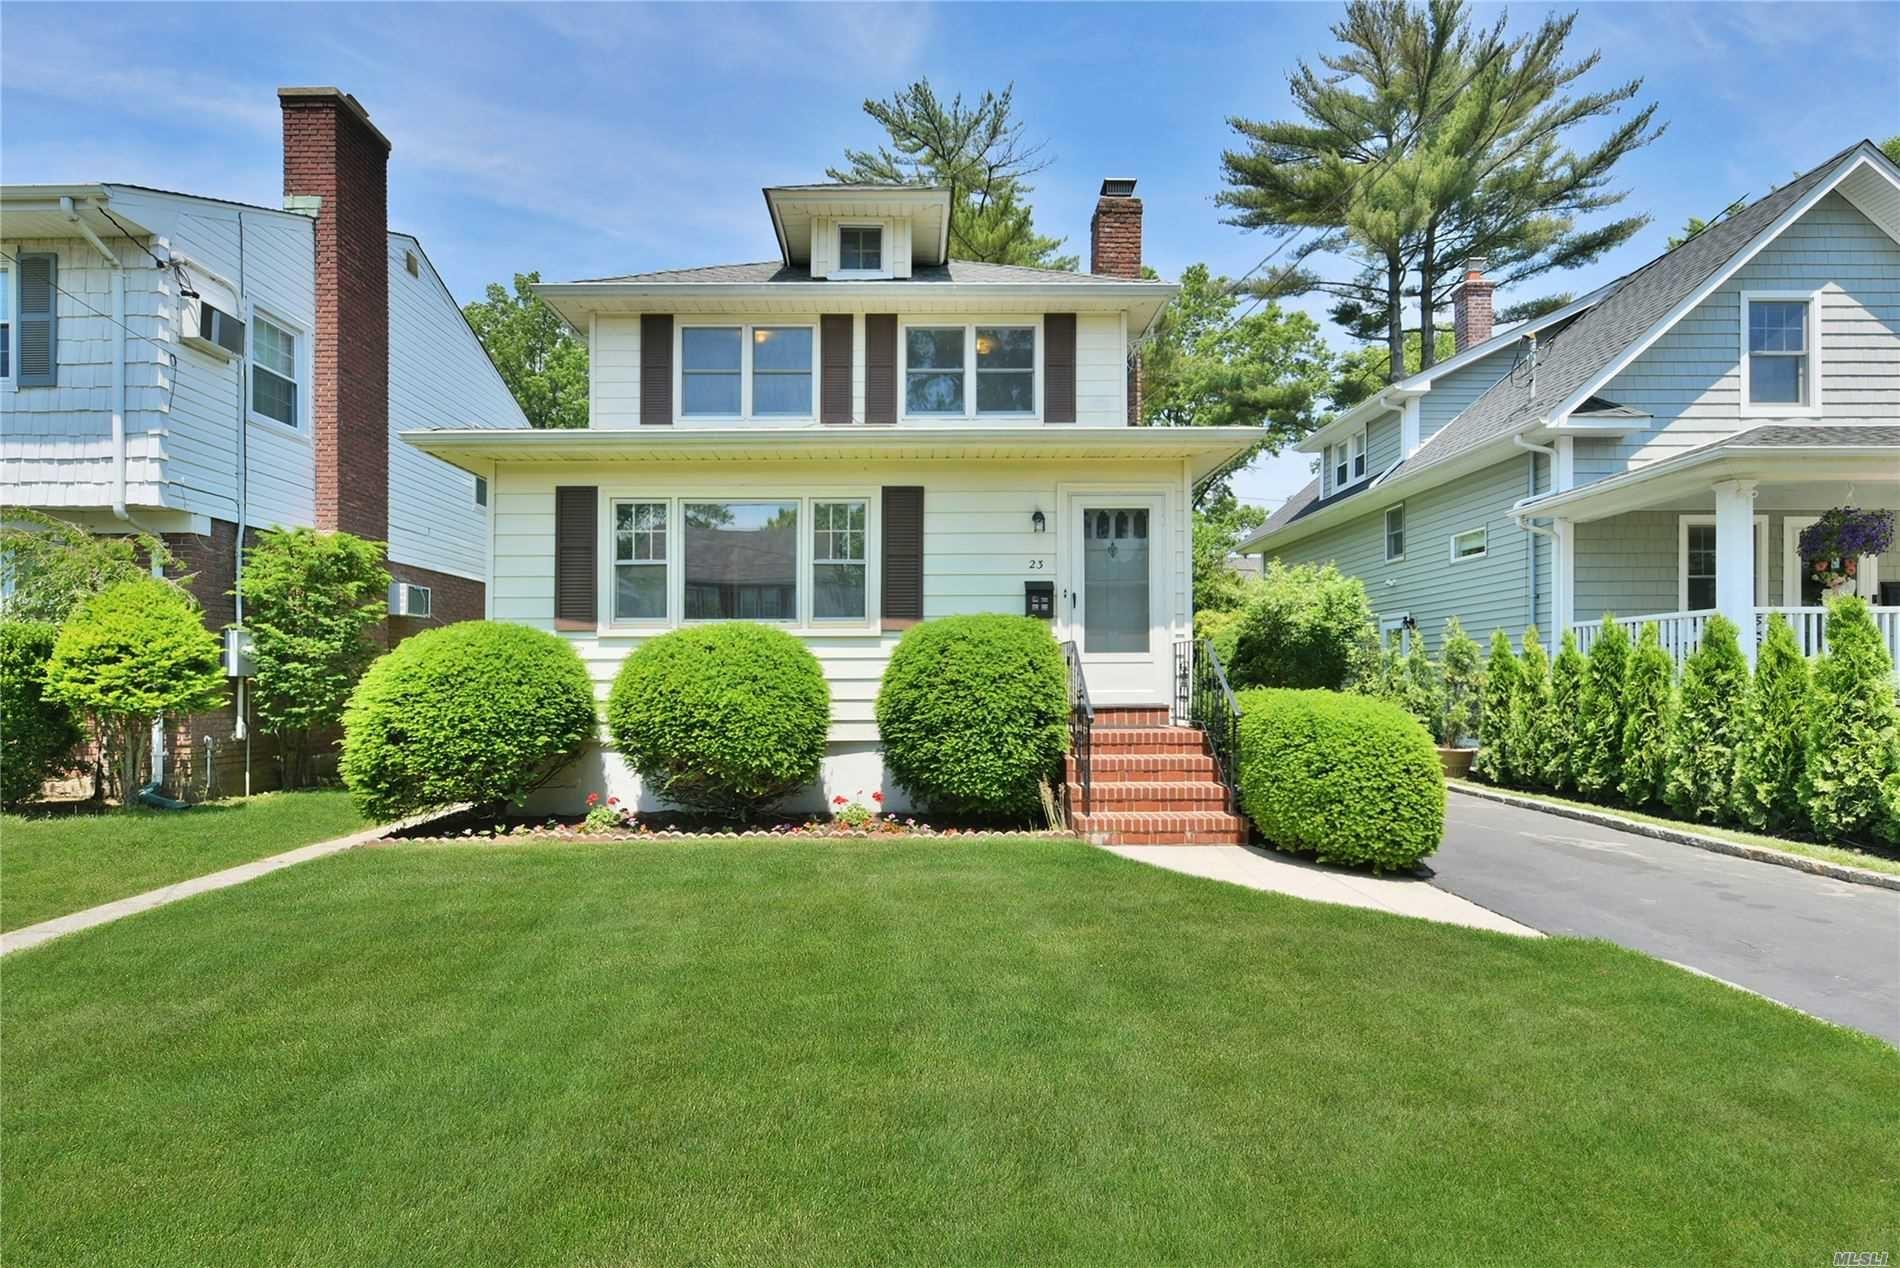 23 Harvard Street, Garden City, NY 11530 - MLS#: 3221844